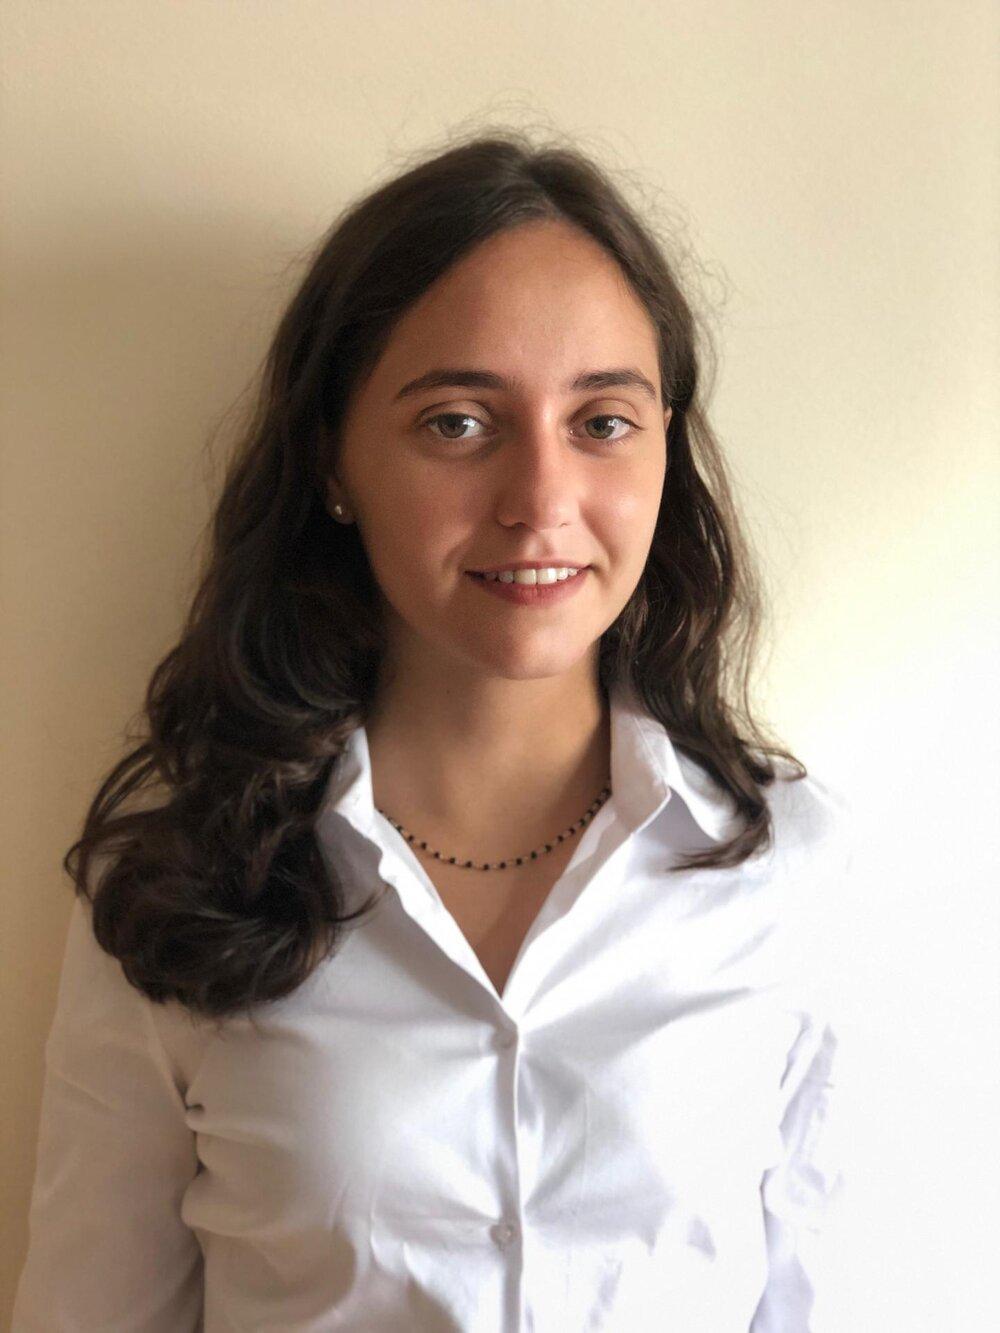 Raquel Novo